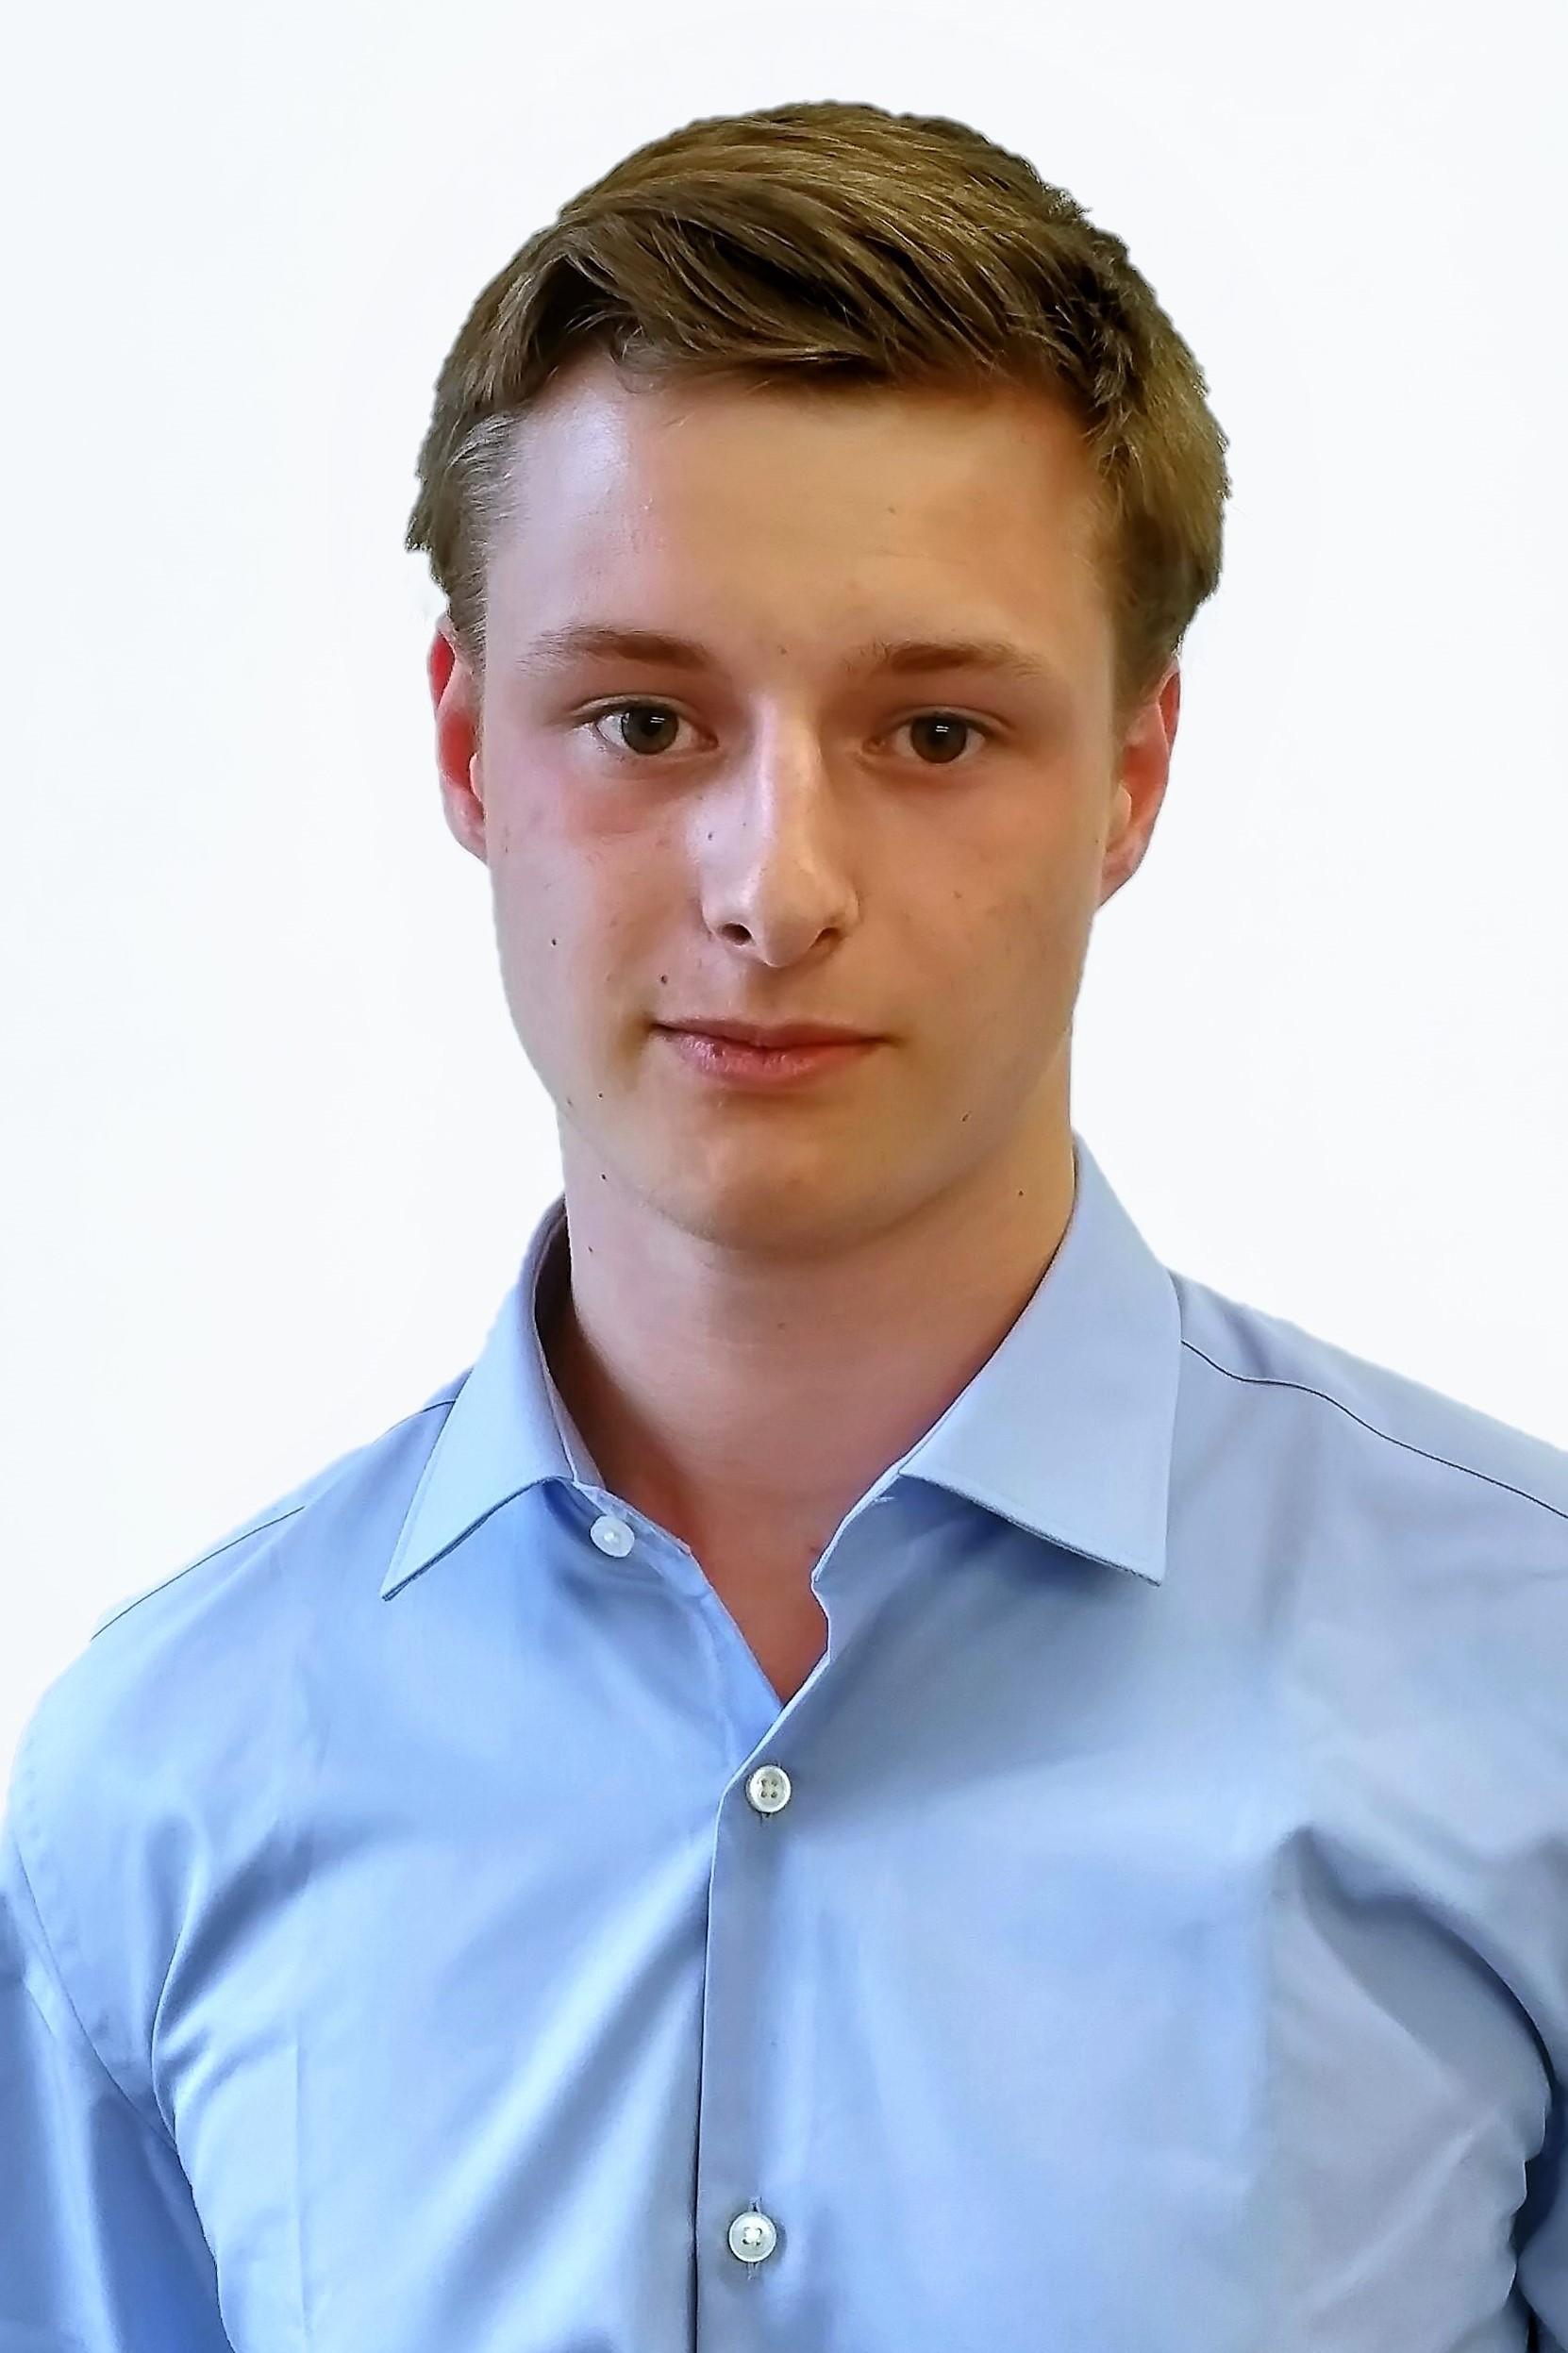 Vincent Klein